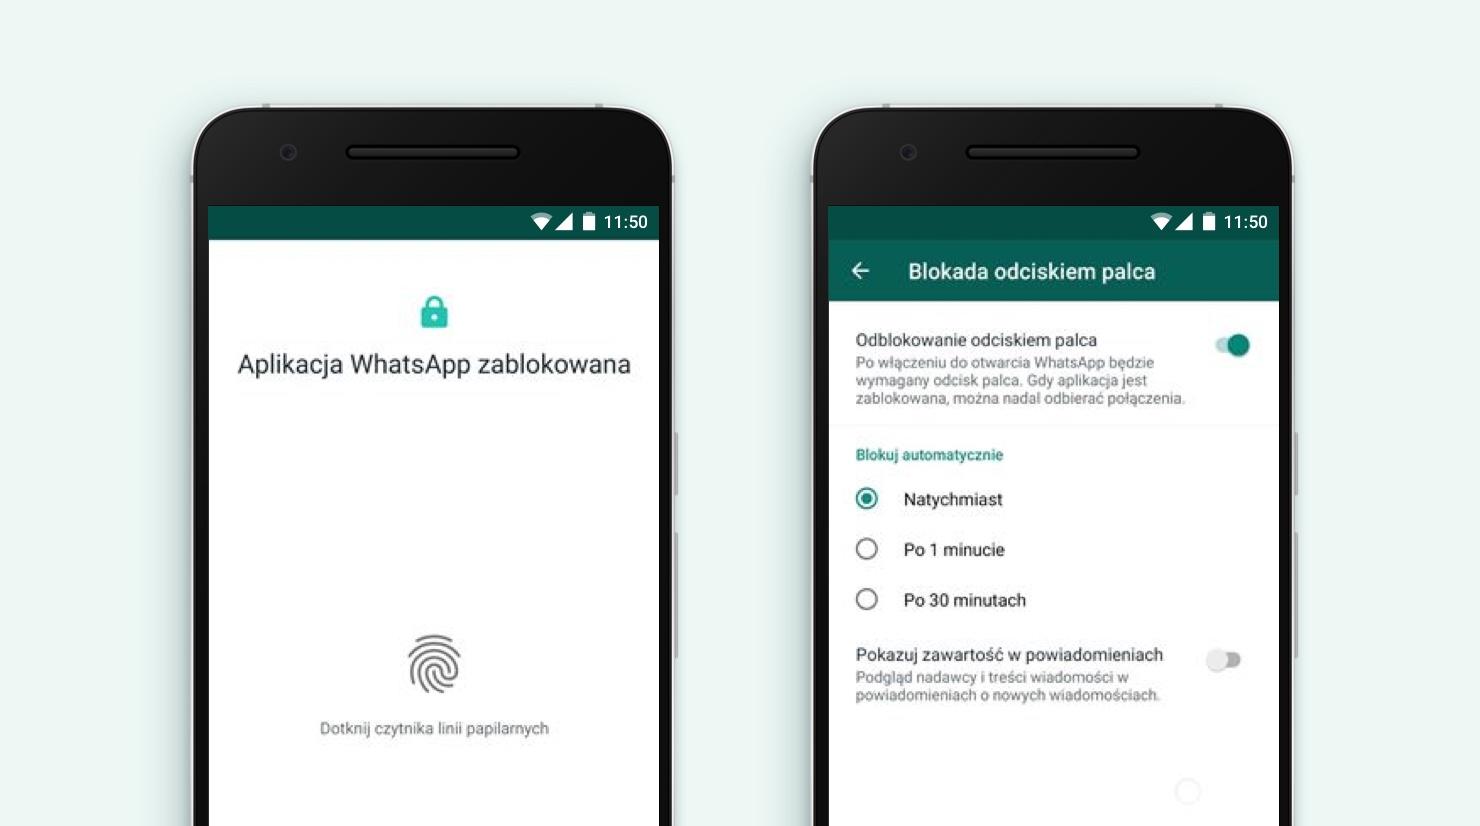 WhatsApp na Android jak włączyc czytnik linii papilarnych w aplikacji